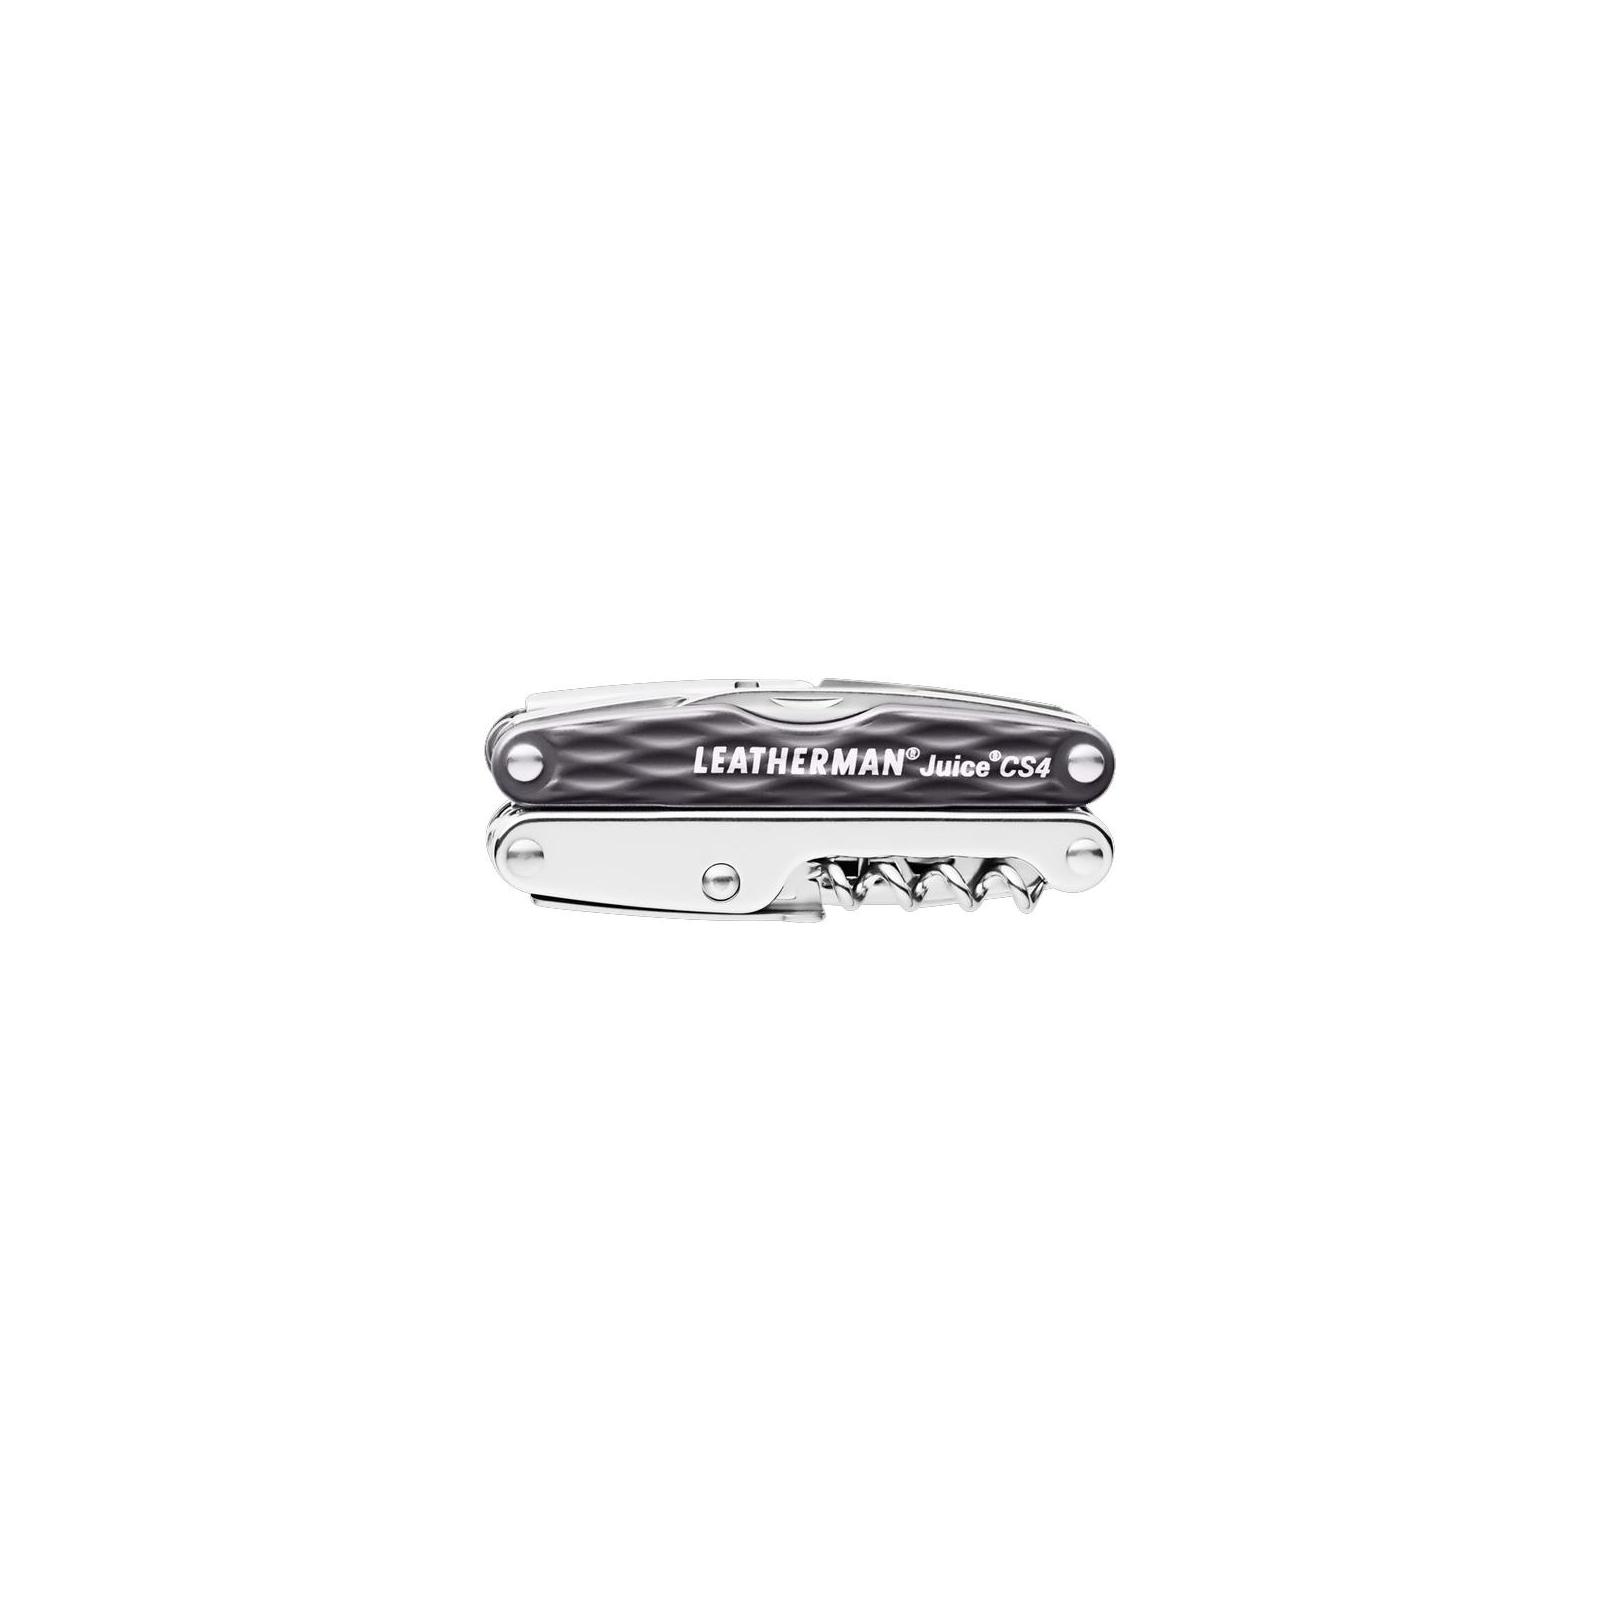 Мультитул Leatherman Juice CS4- GRANITE GRAY с кожаным чехлом (831987) изображение 3